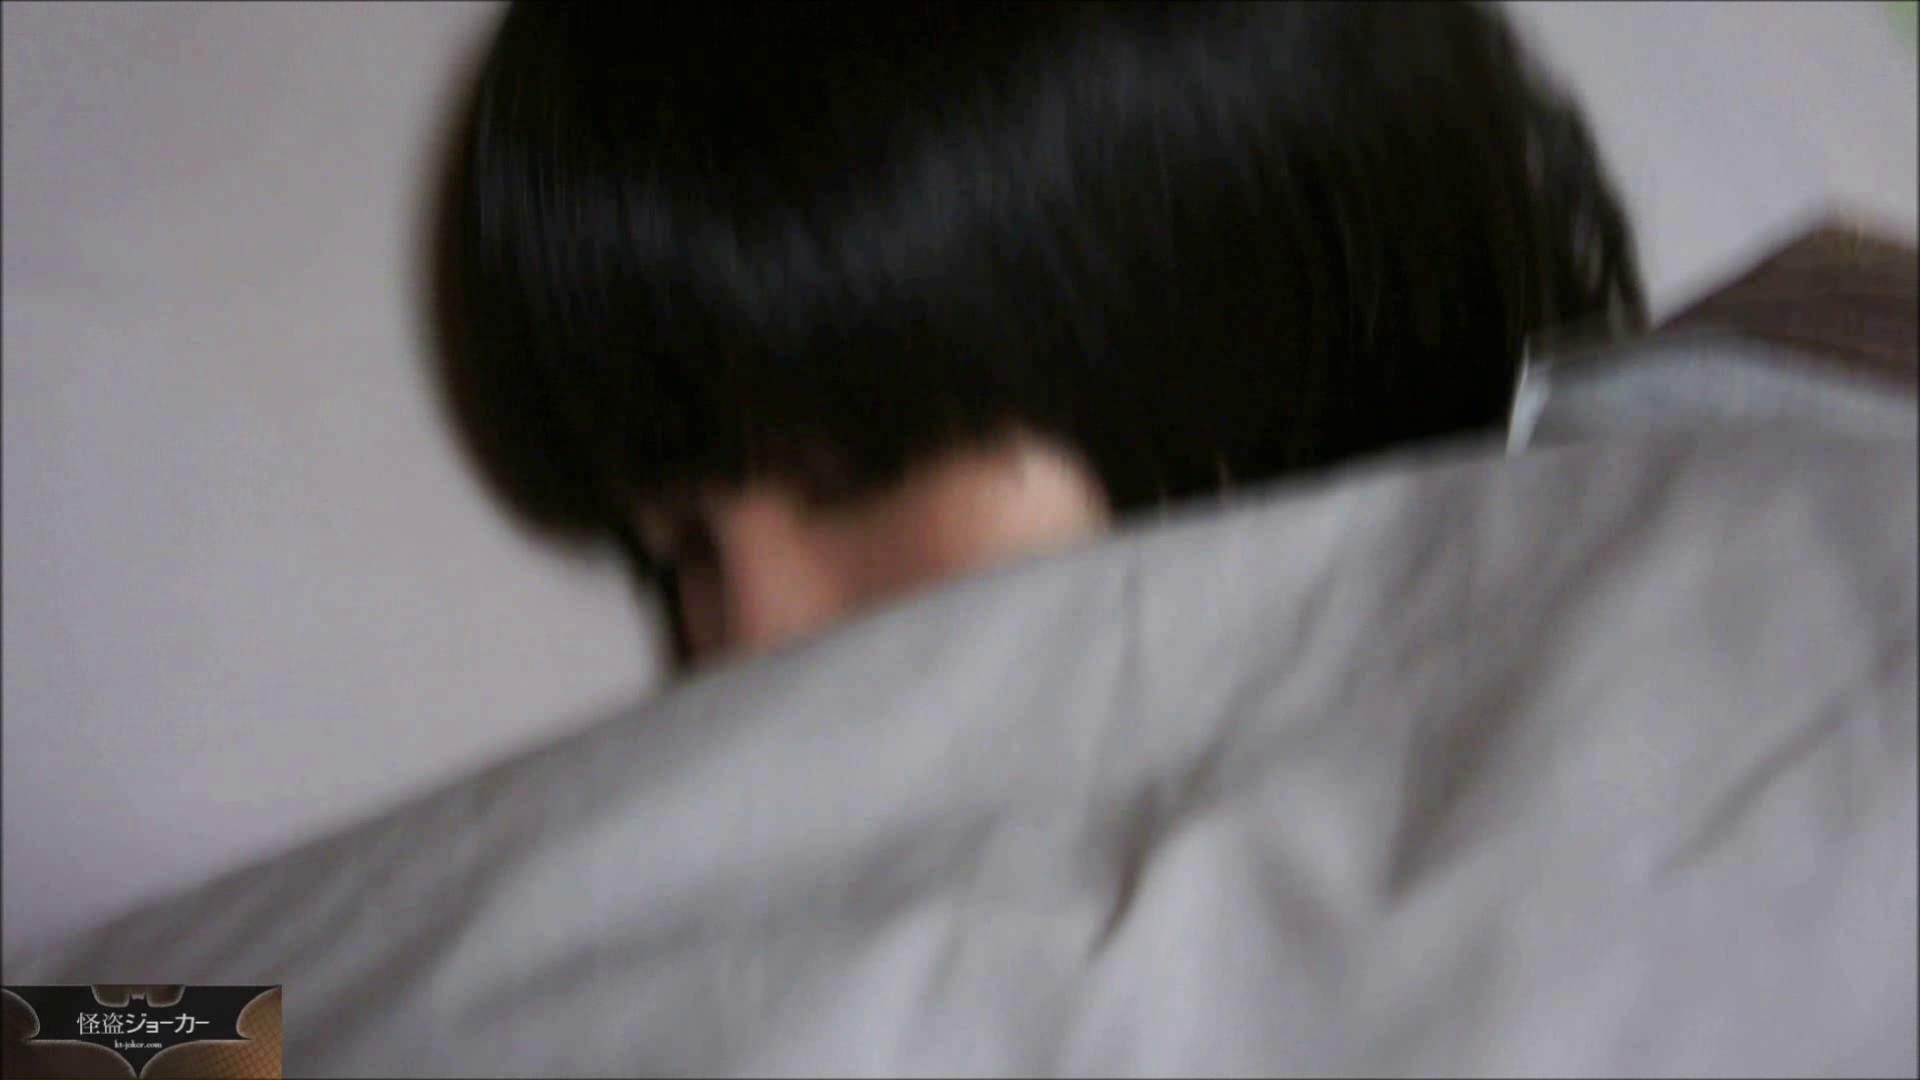 【未公開】vol.28 【前編】旅先で寝乱れ・・・小春。 丸見え AV無料 81画像 3